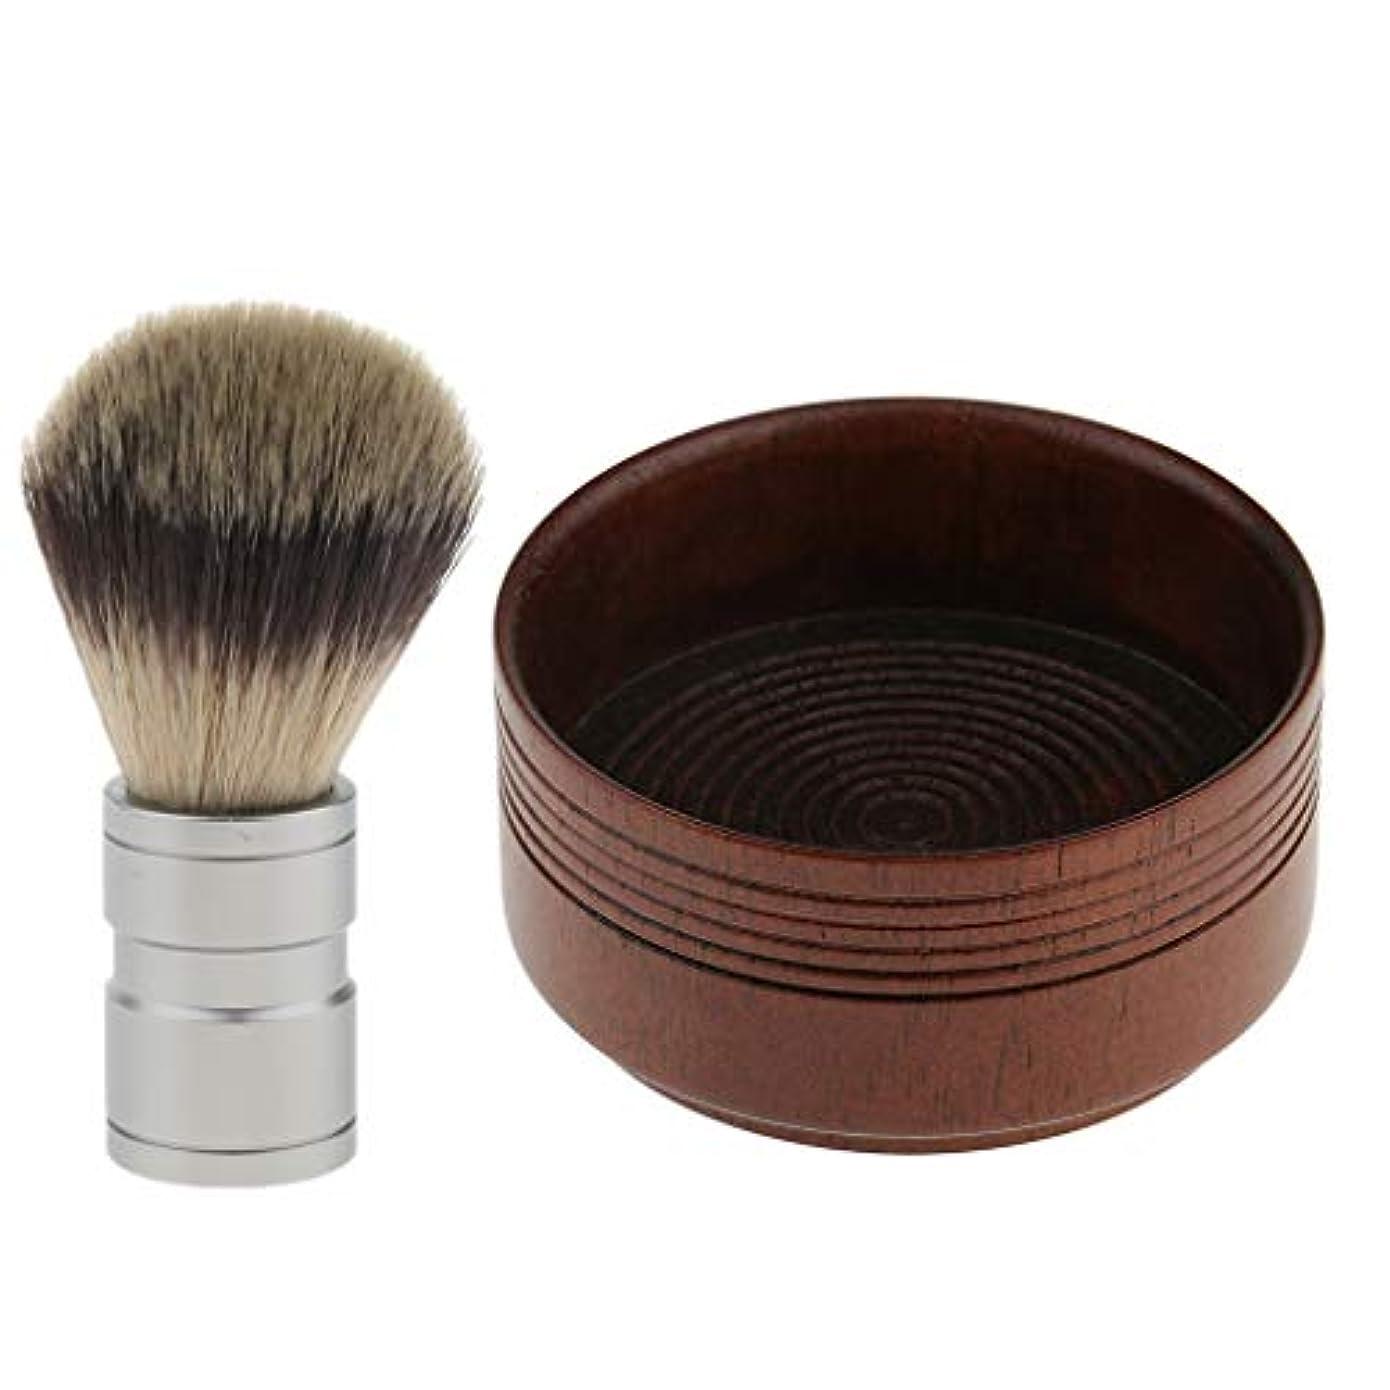 干ばつ治世チャップdailymall 木製マグカップボウルセットキットと浴室男性口ひげひげシェービングブラシ